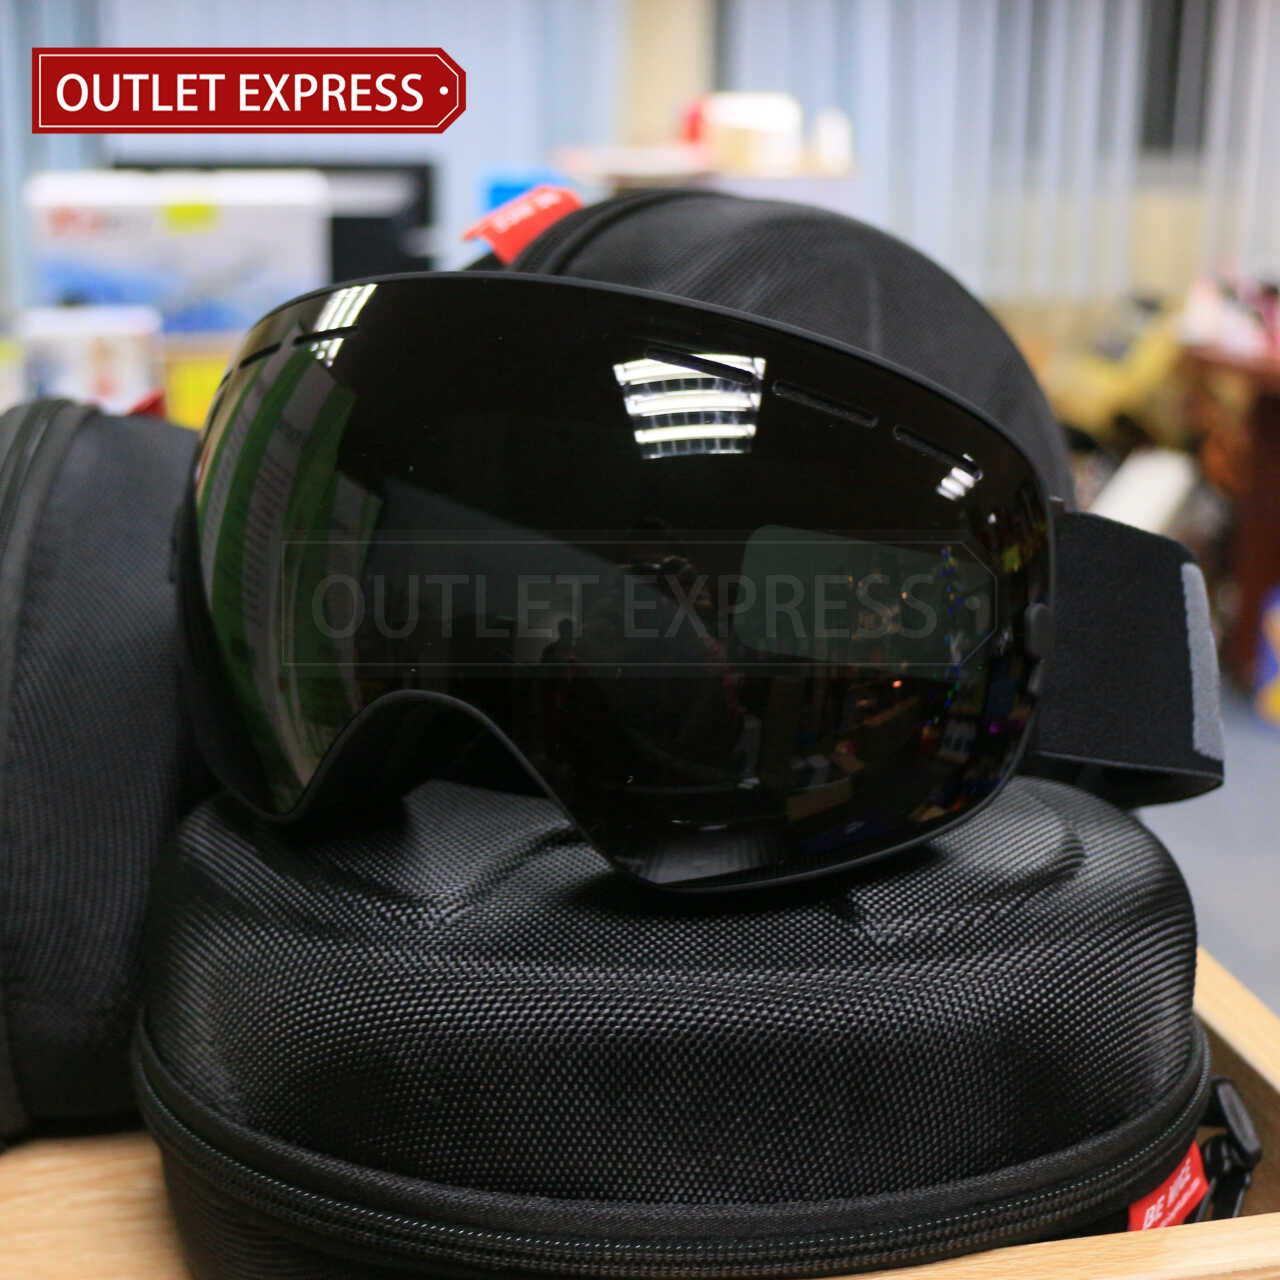 BENICE 大球面雙層防霧滑雪鏡 | 可配合眼鏡用 黑色 -Outlet Express HK生活百貨城實拍相片